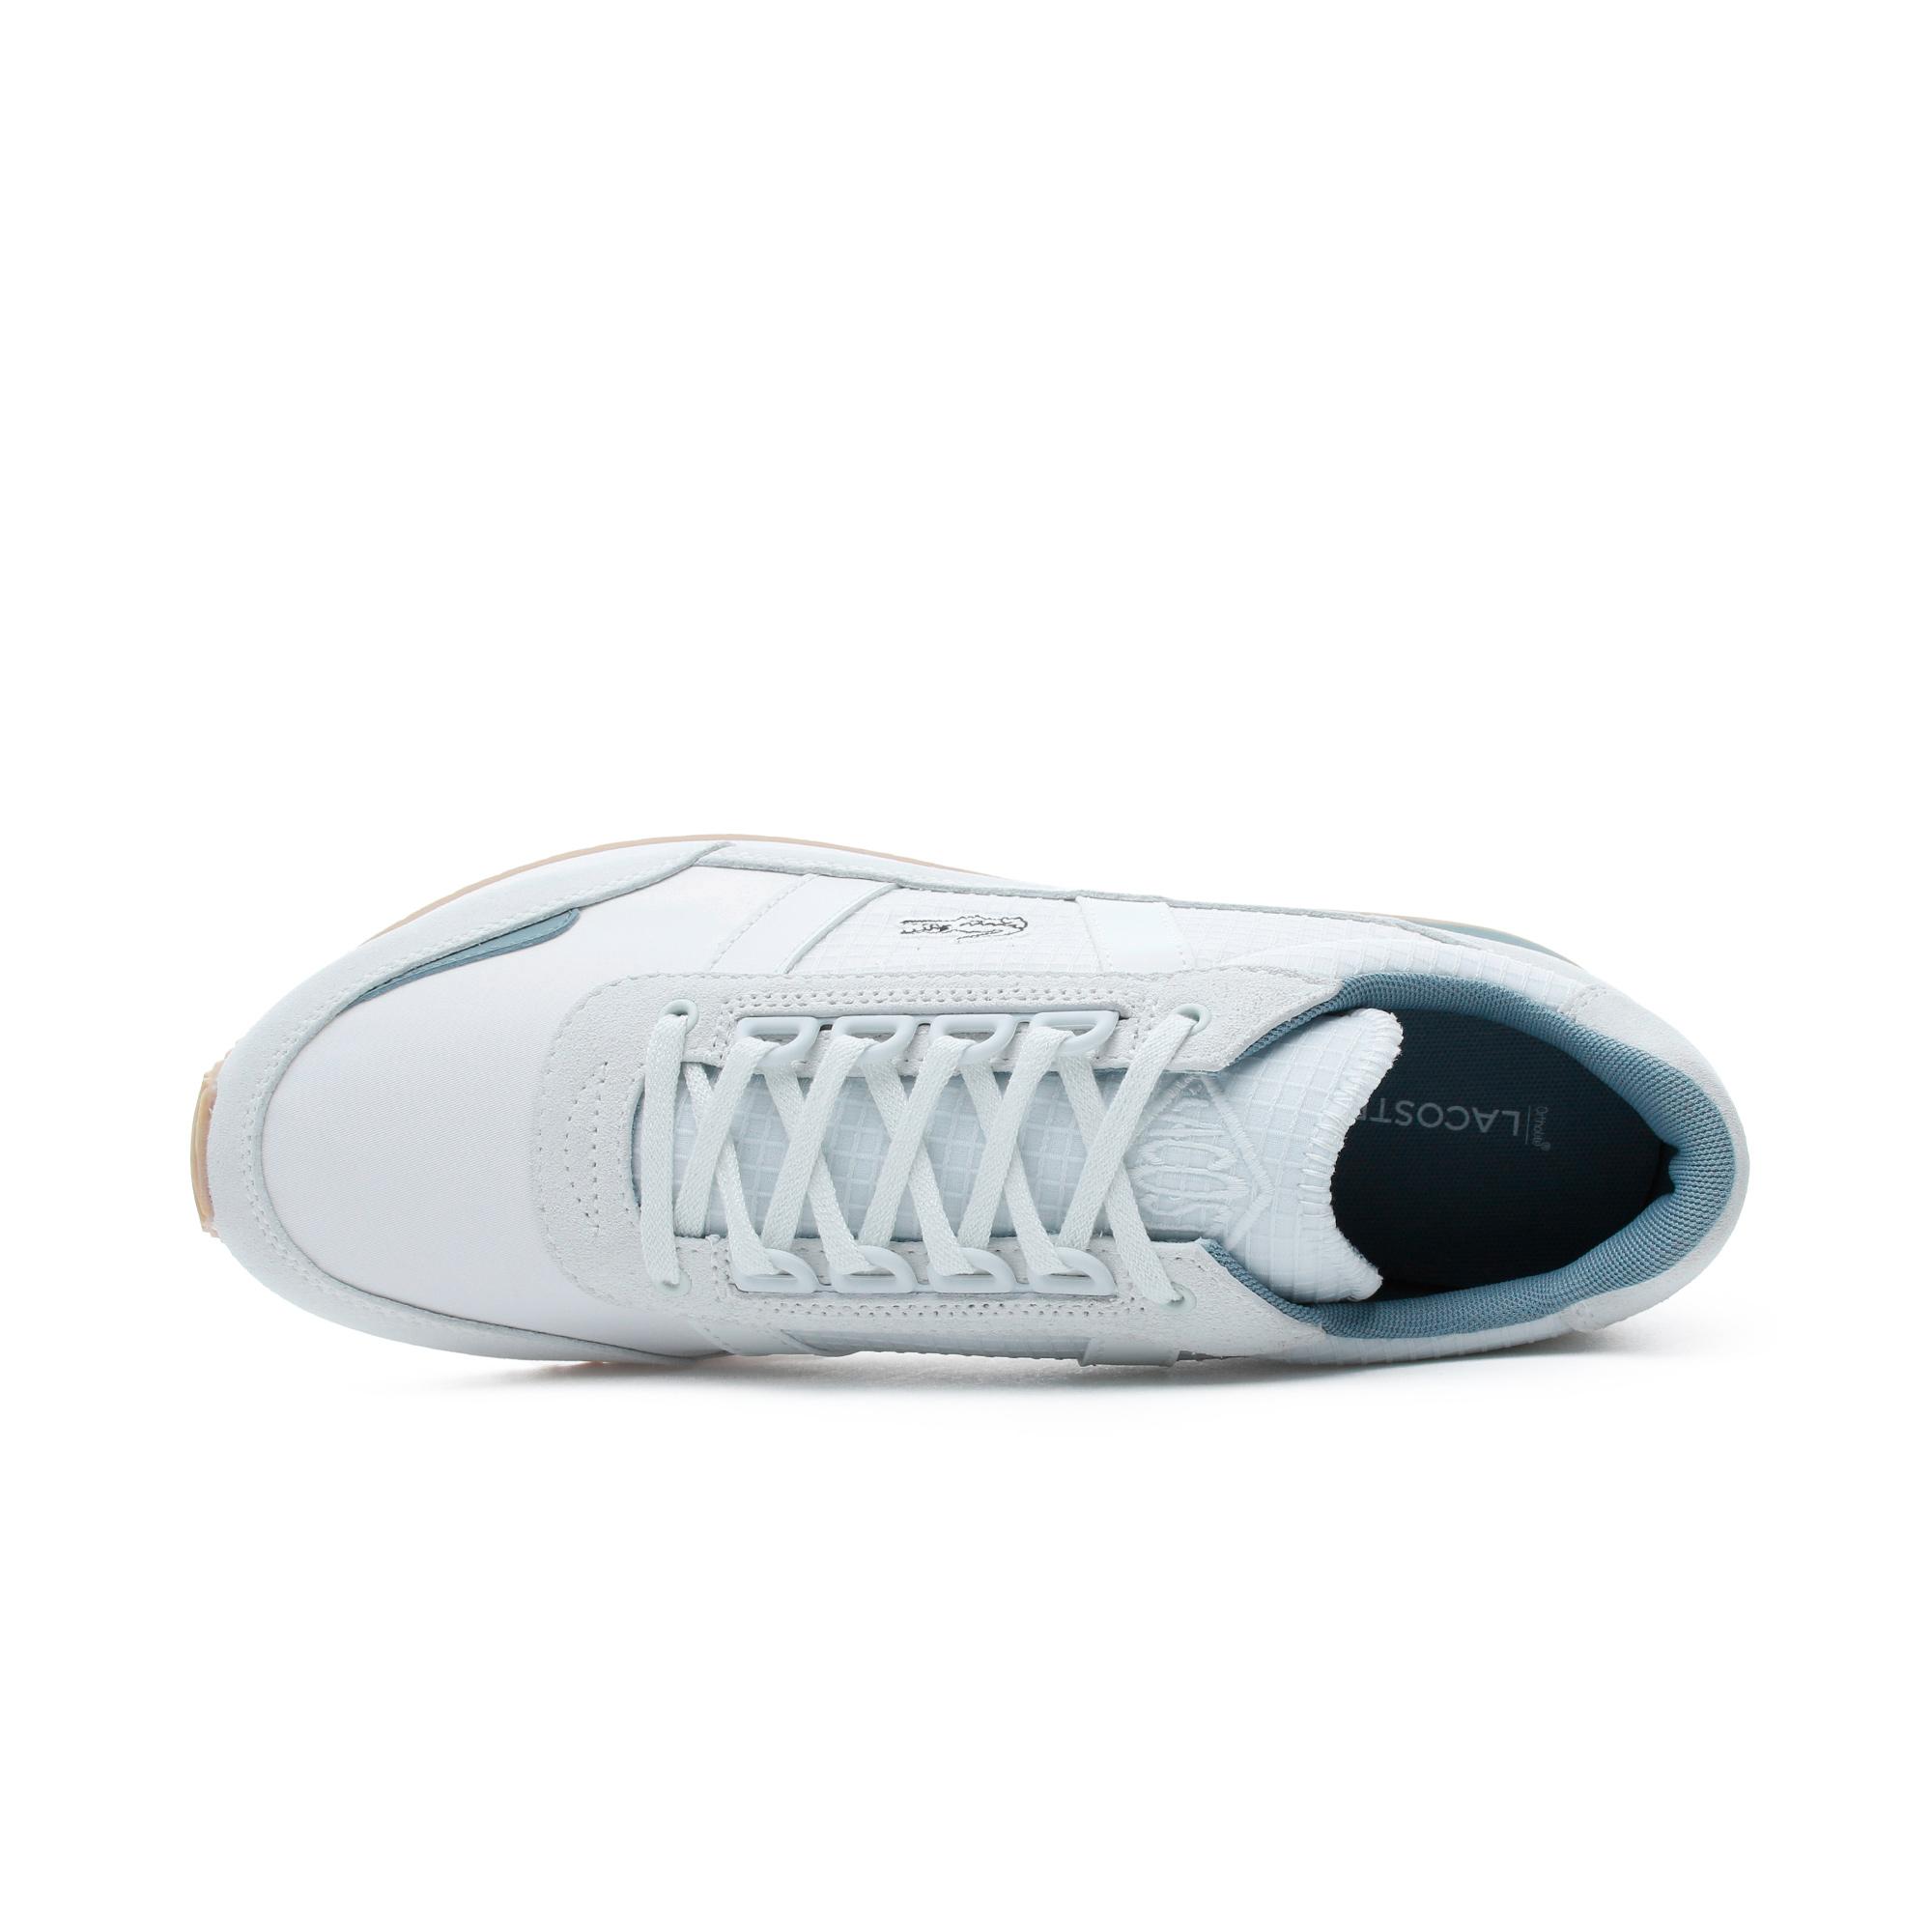 Lacoste Partner Retro Erkek Beyaz Spor Ayakkabı